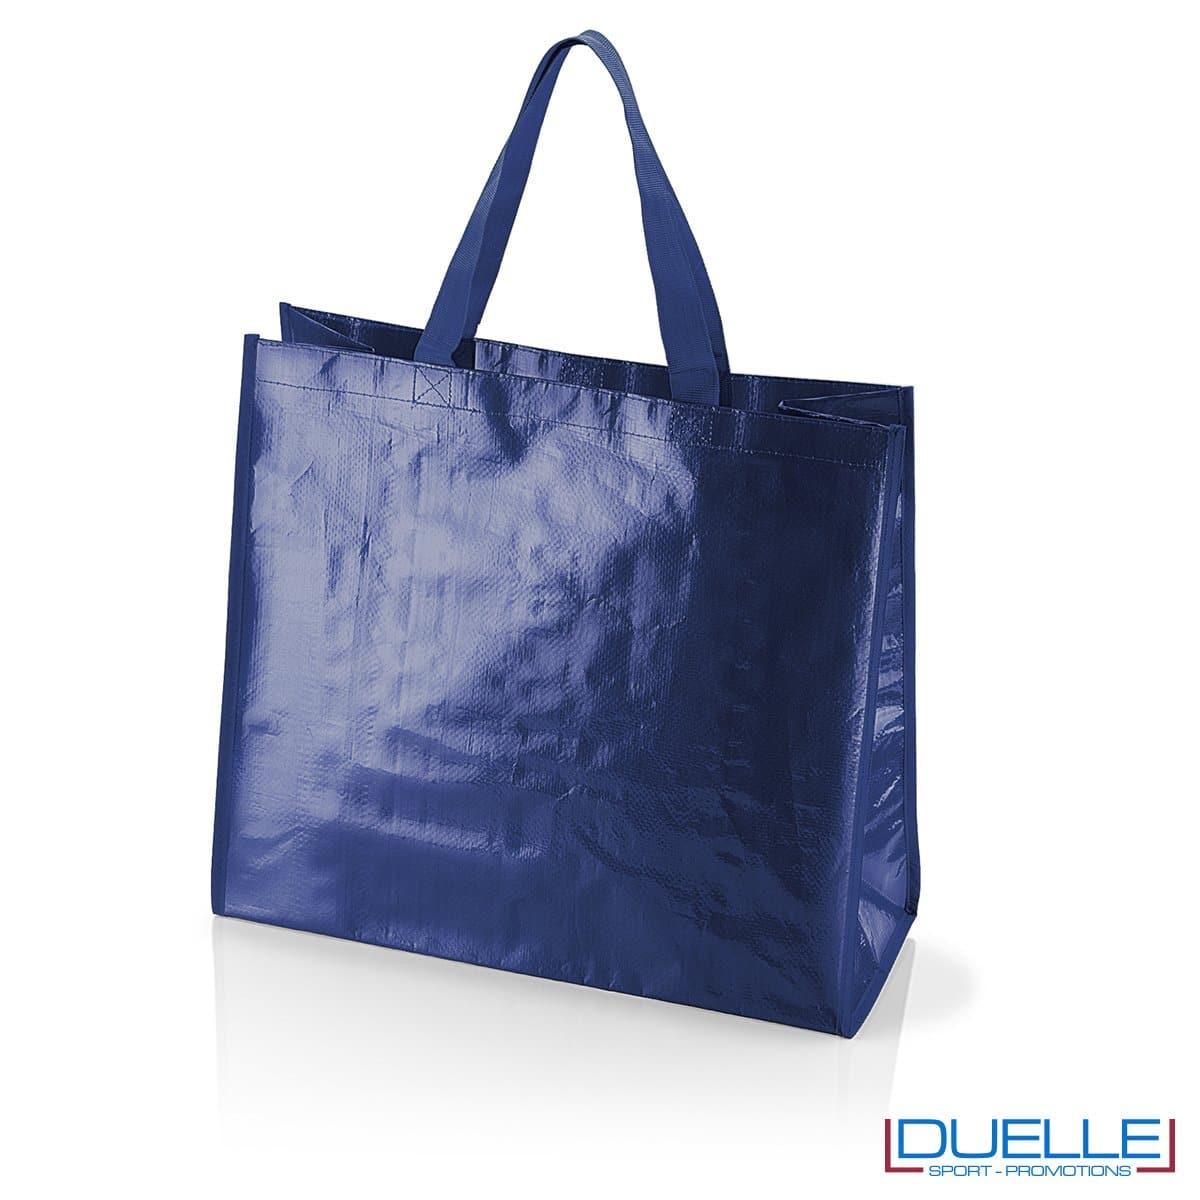 Shopper personalizzata il polipropilene blu